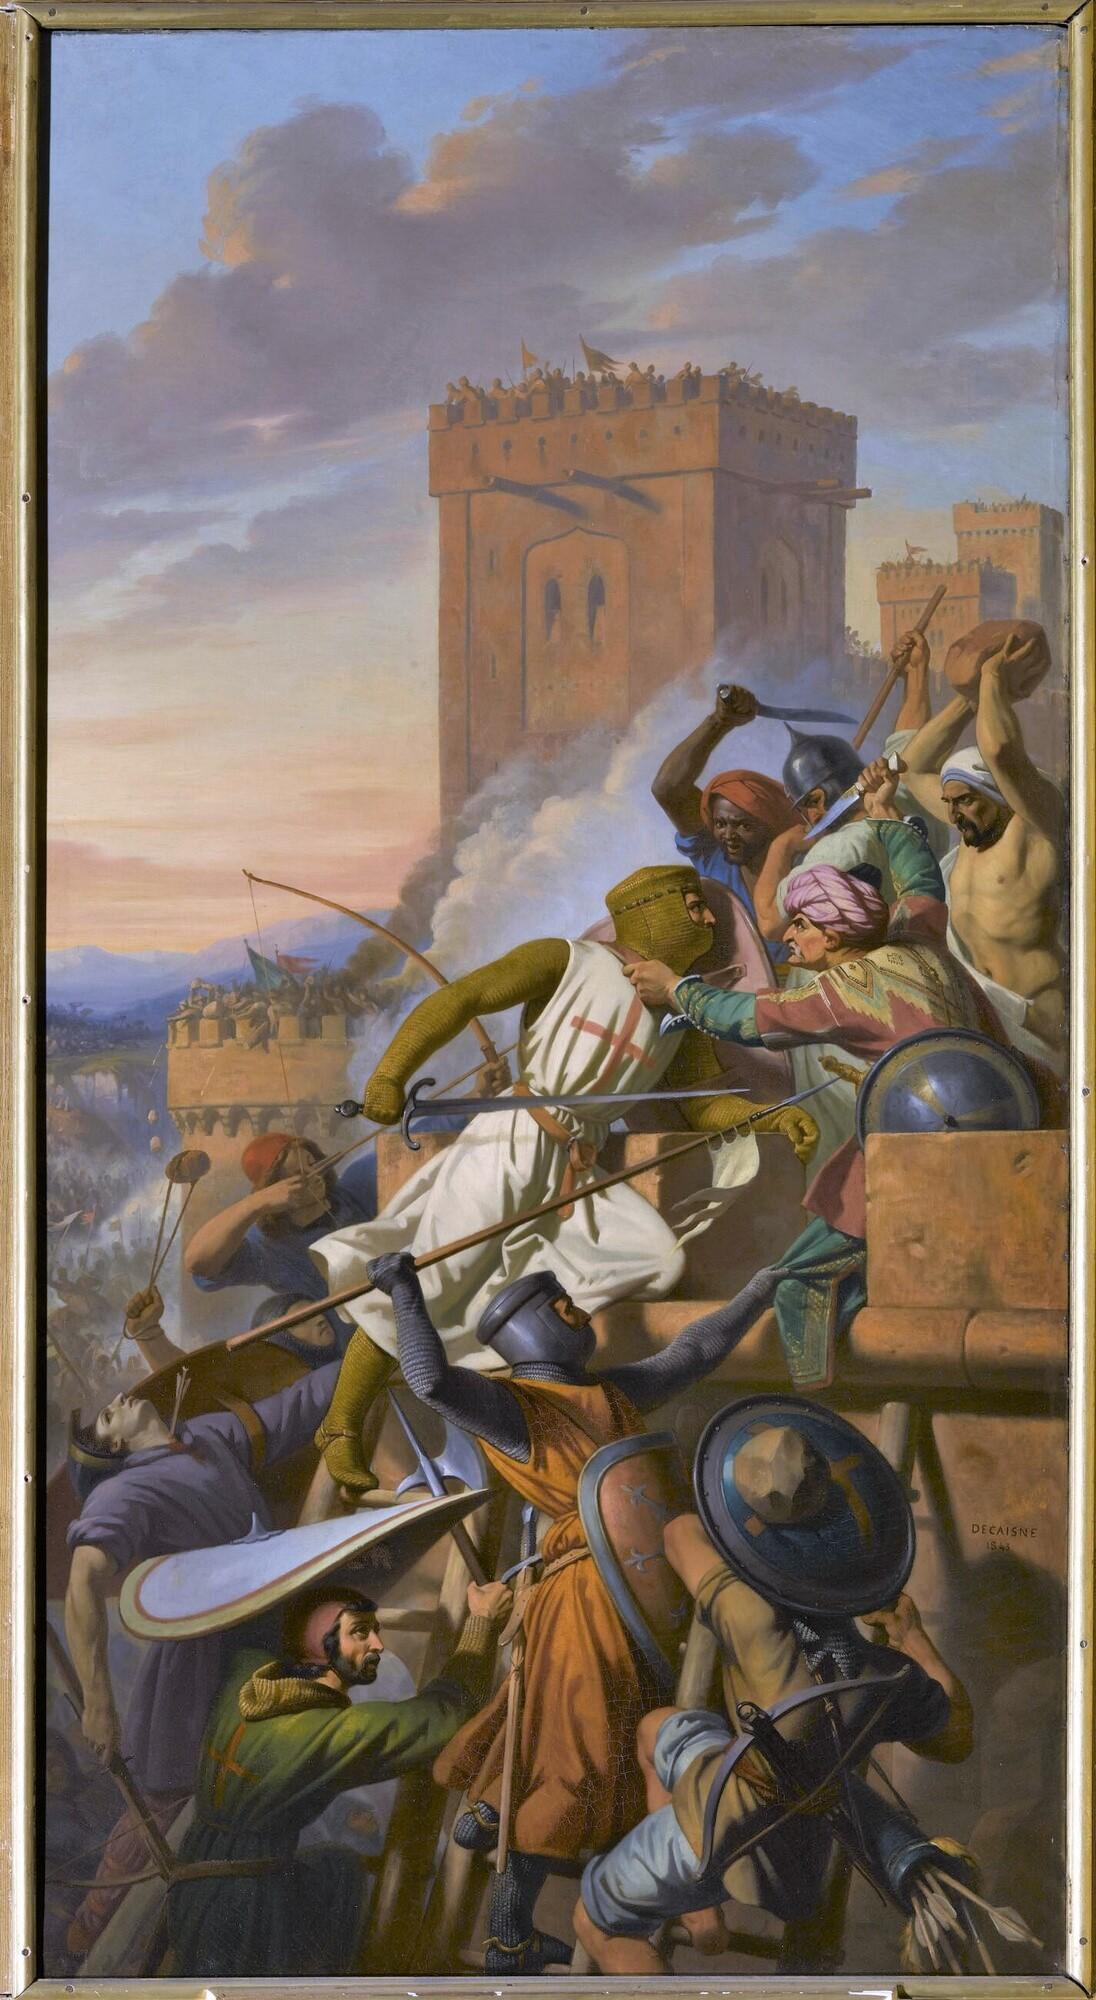 Prise de la forteresse de Ma'arat-Al Nurman (anciennement Marrah) dans la province d'Antioche, 1098. Peintre : Henri Decaisne.